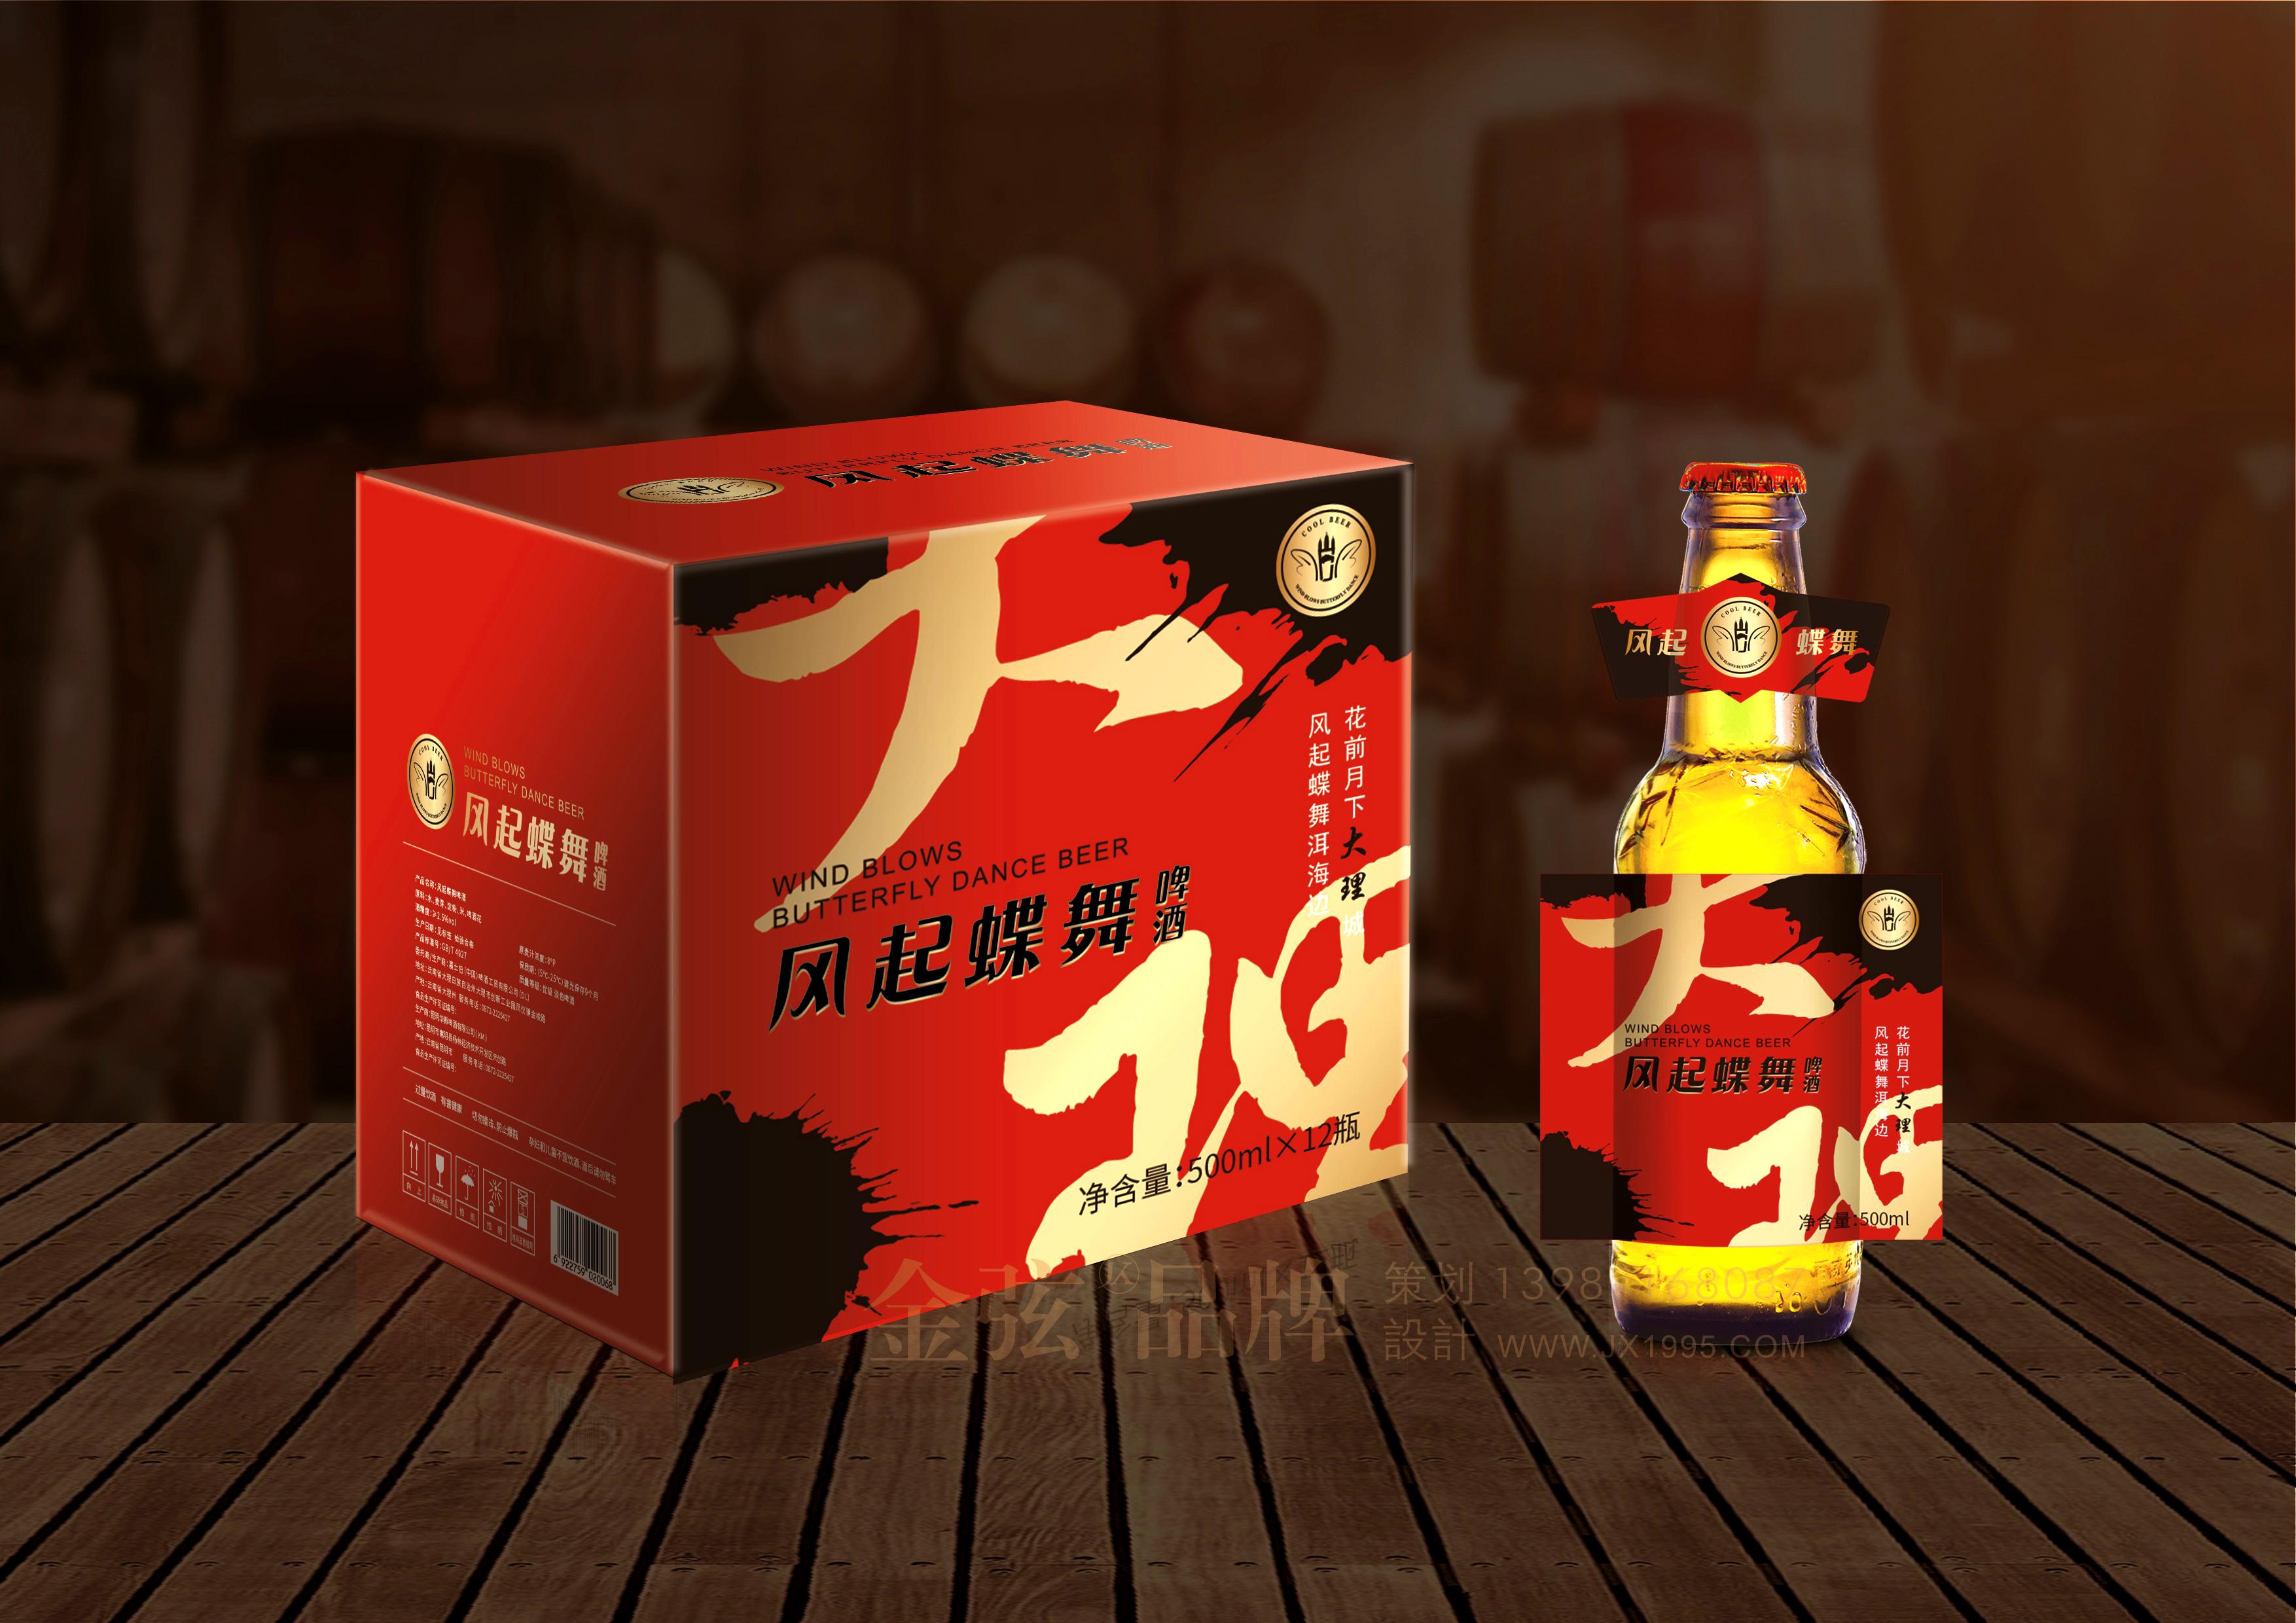 风起蝶舞啤酒包装设计 包装设计 客户资料  第3张